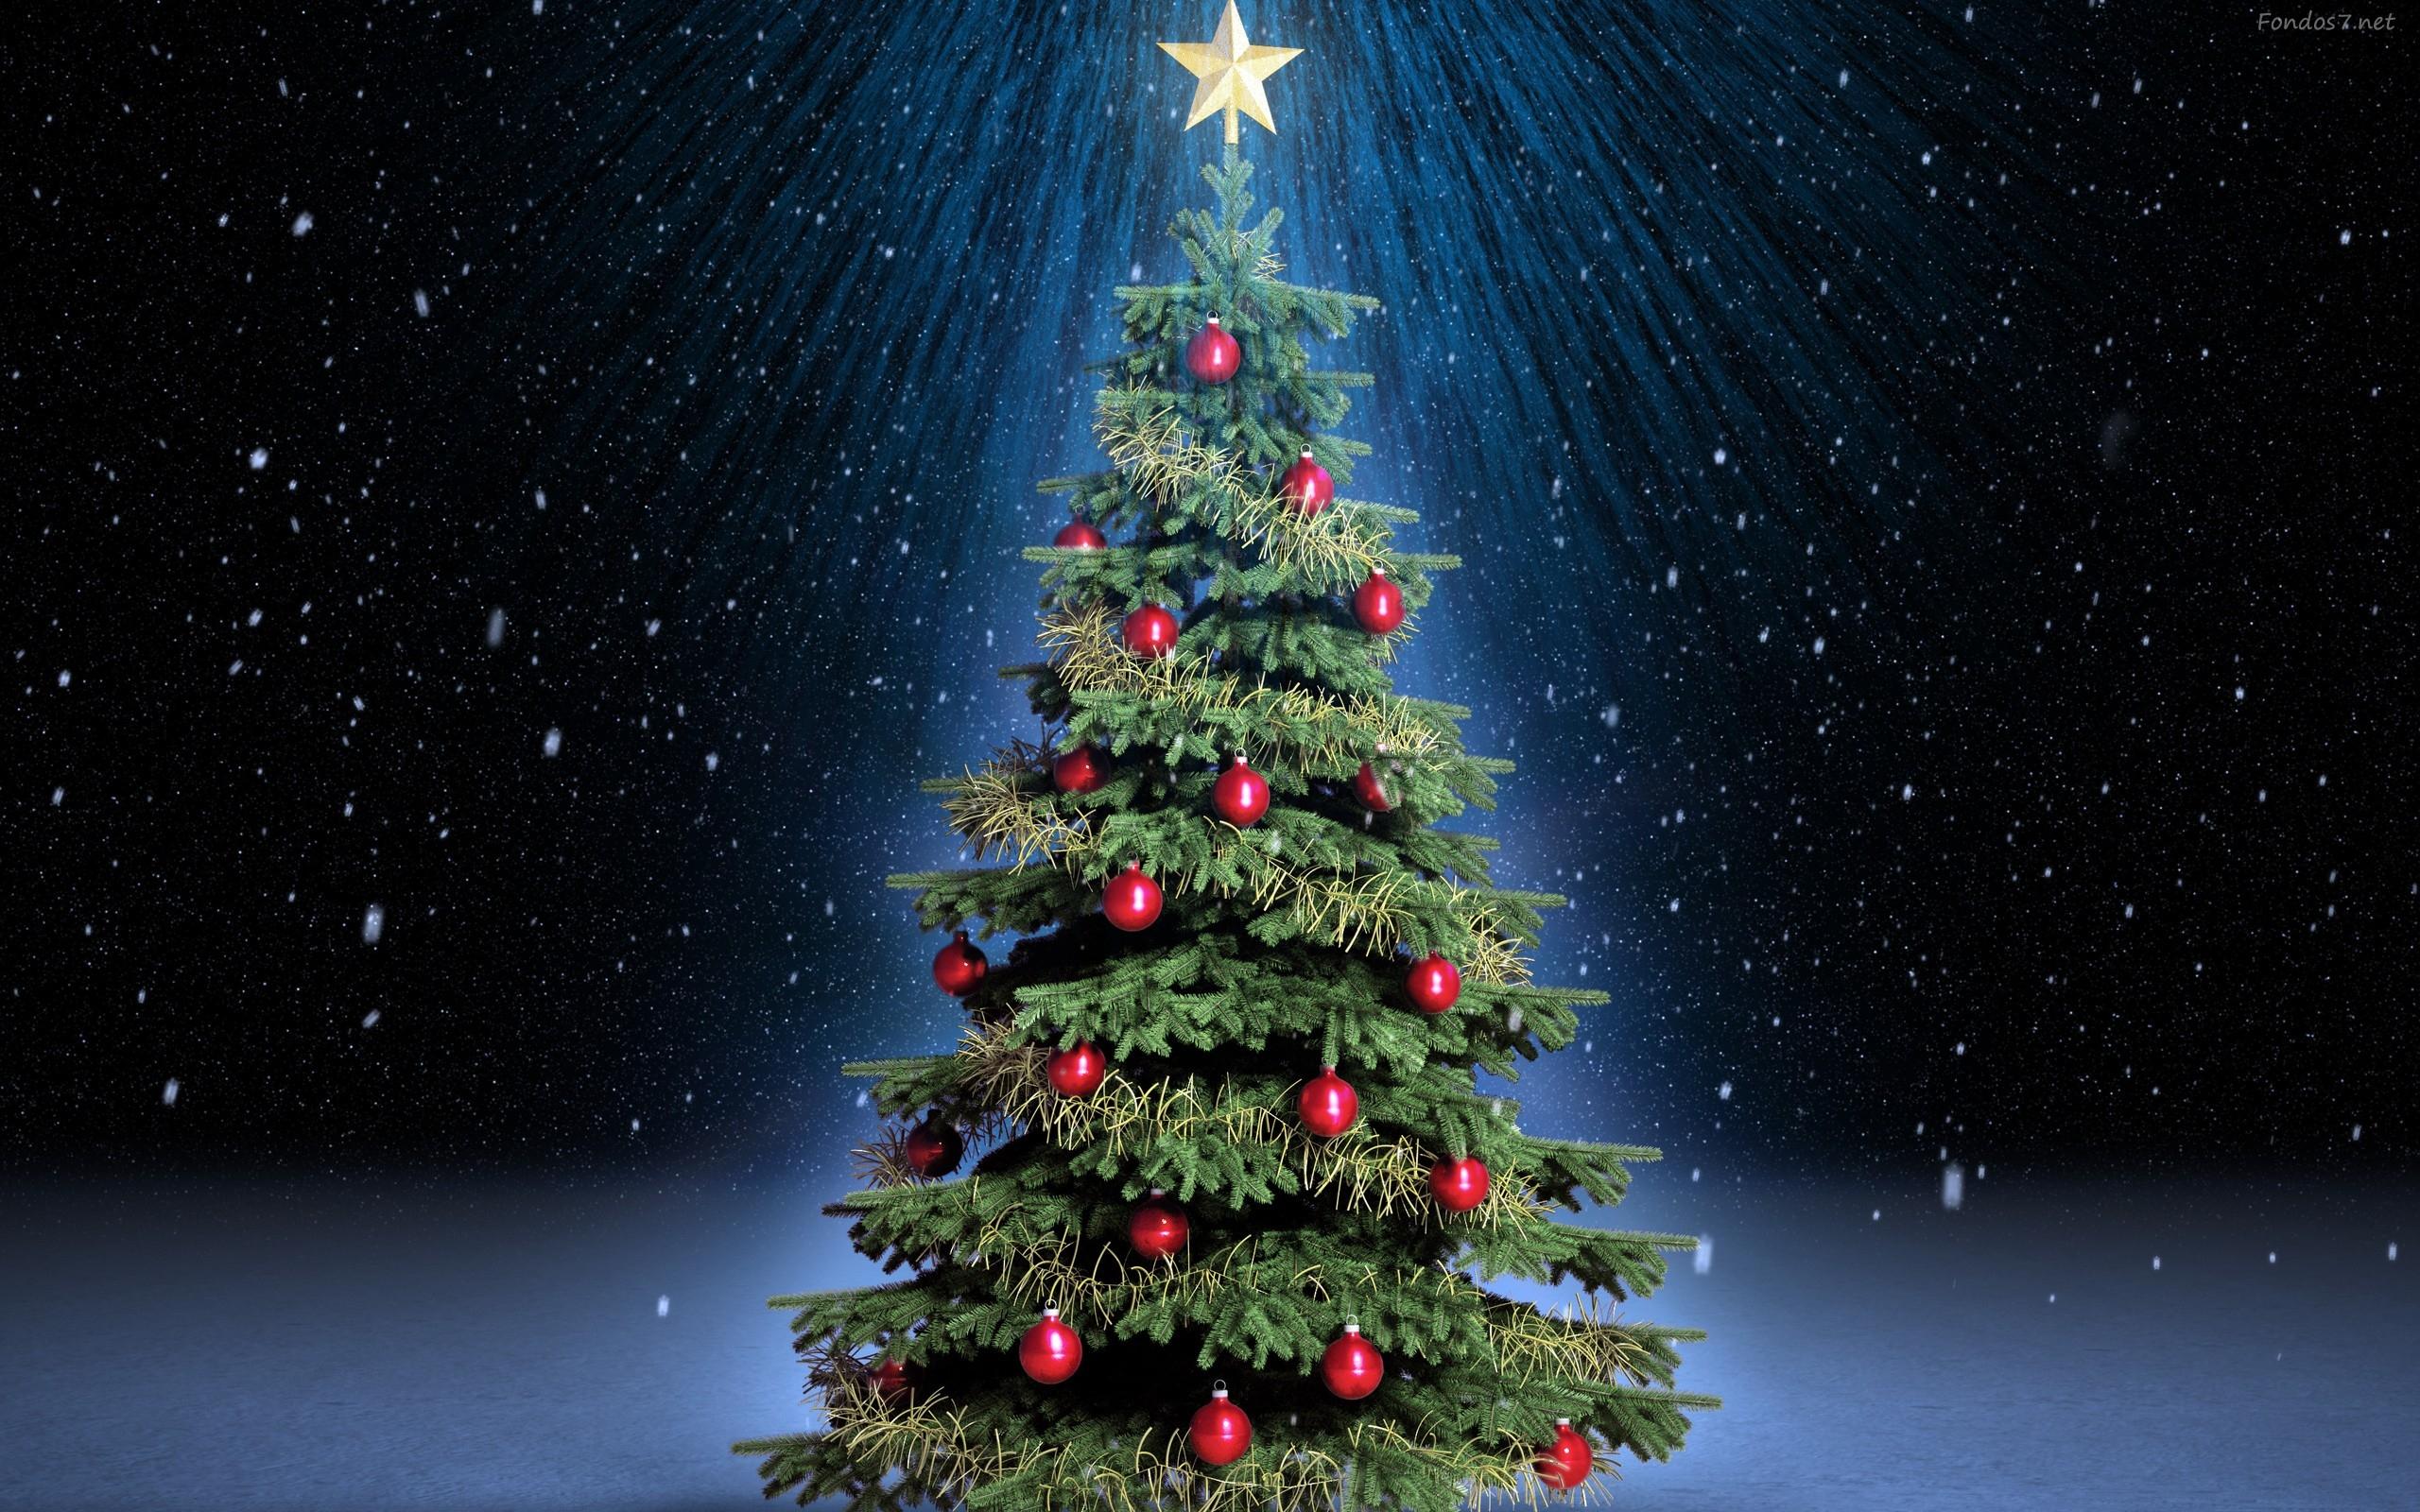 Fondos navidad 2012 fondos de pantalla - Fotos arboles navidad ...